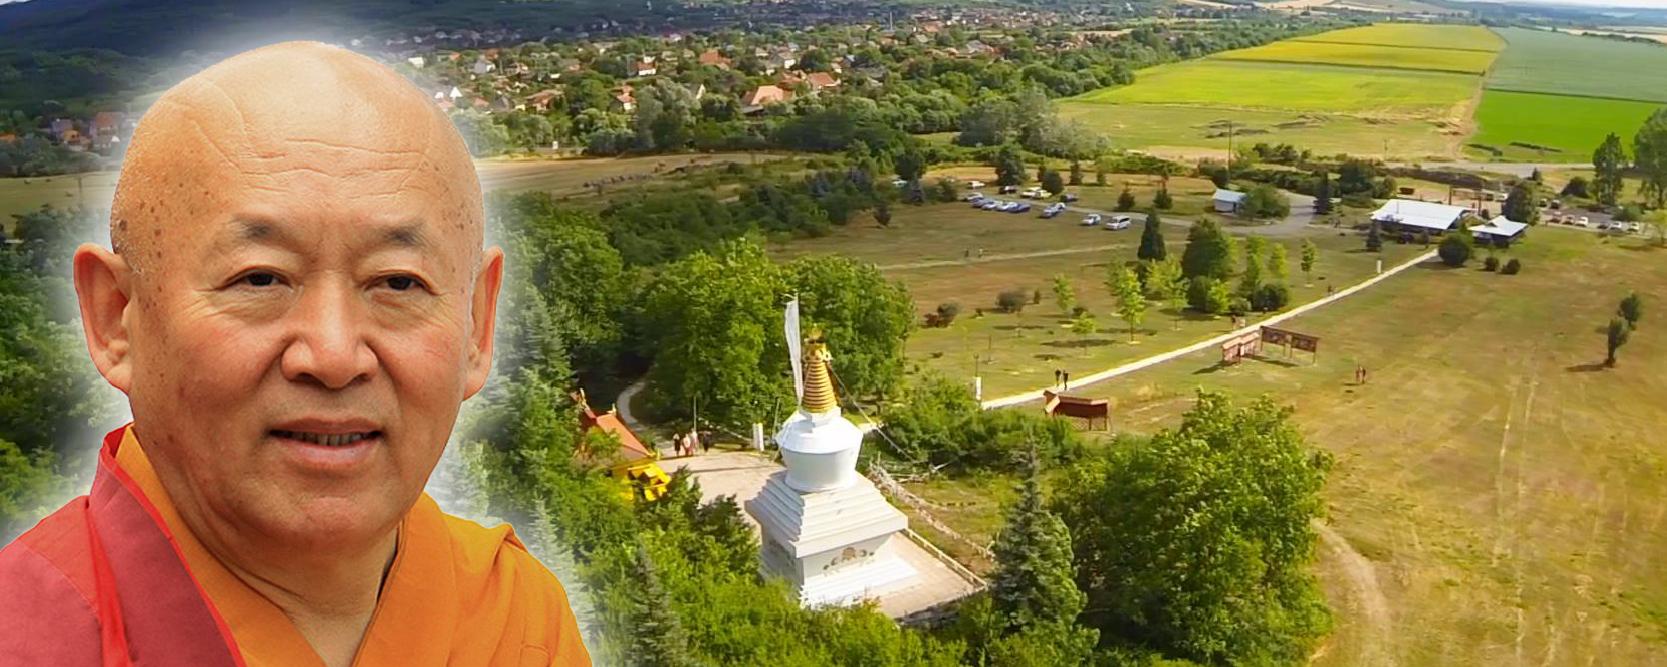 PROGRAMVÁLTOZÁS! Őszentsége Drikung Kjabgön Chetsang Rinpocse Taron @ Tara Templom - Tar